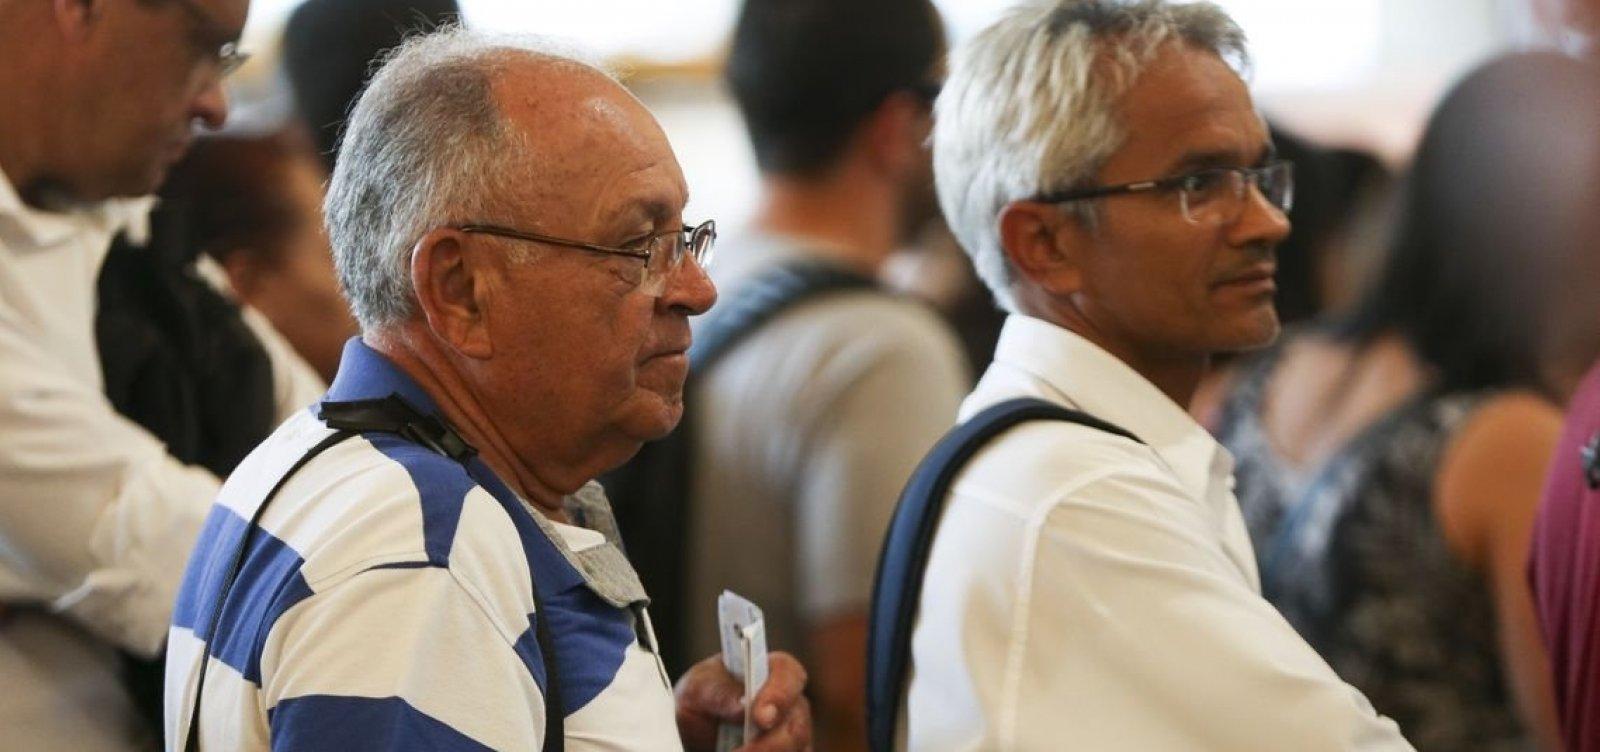 Reforma deve levar 4 milhões de brasileiros a recorrer à previdência privada